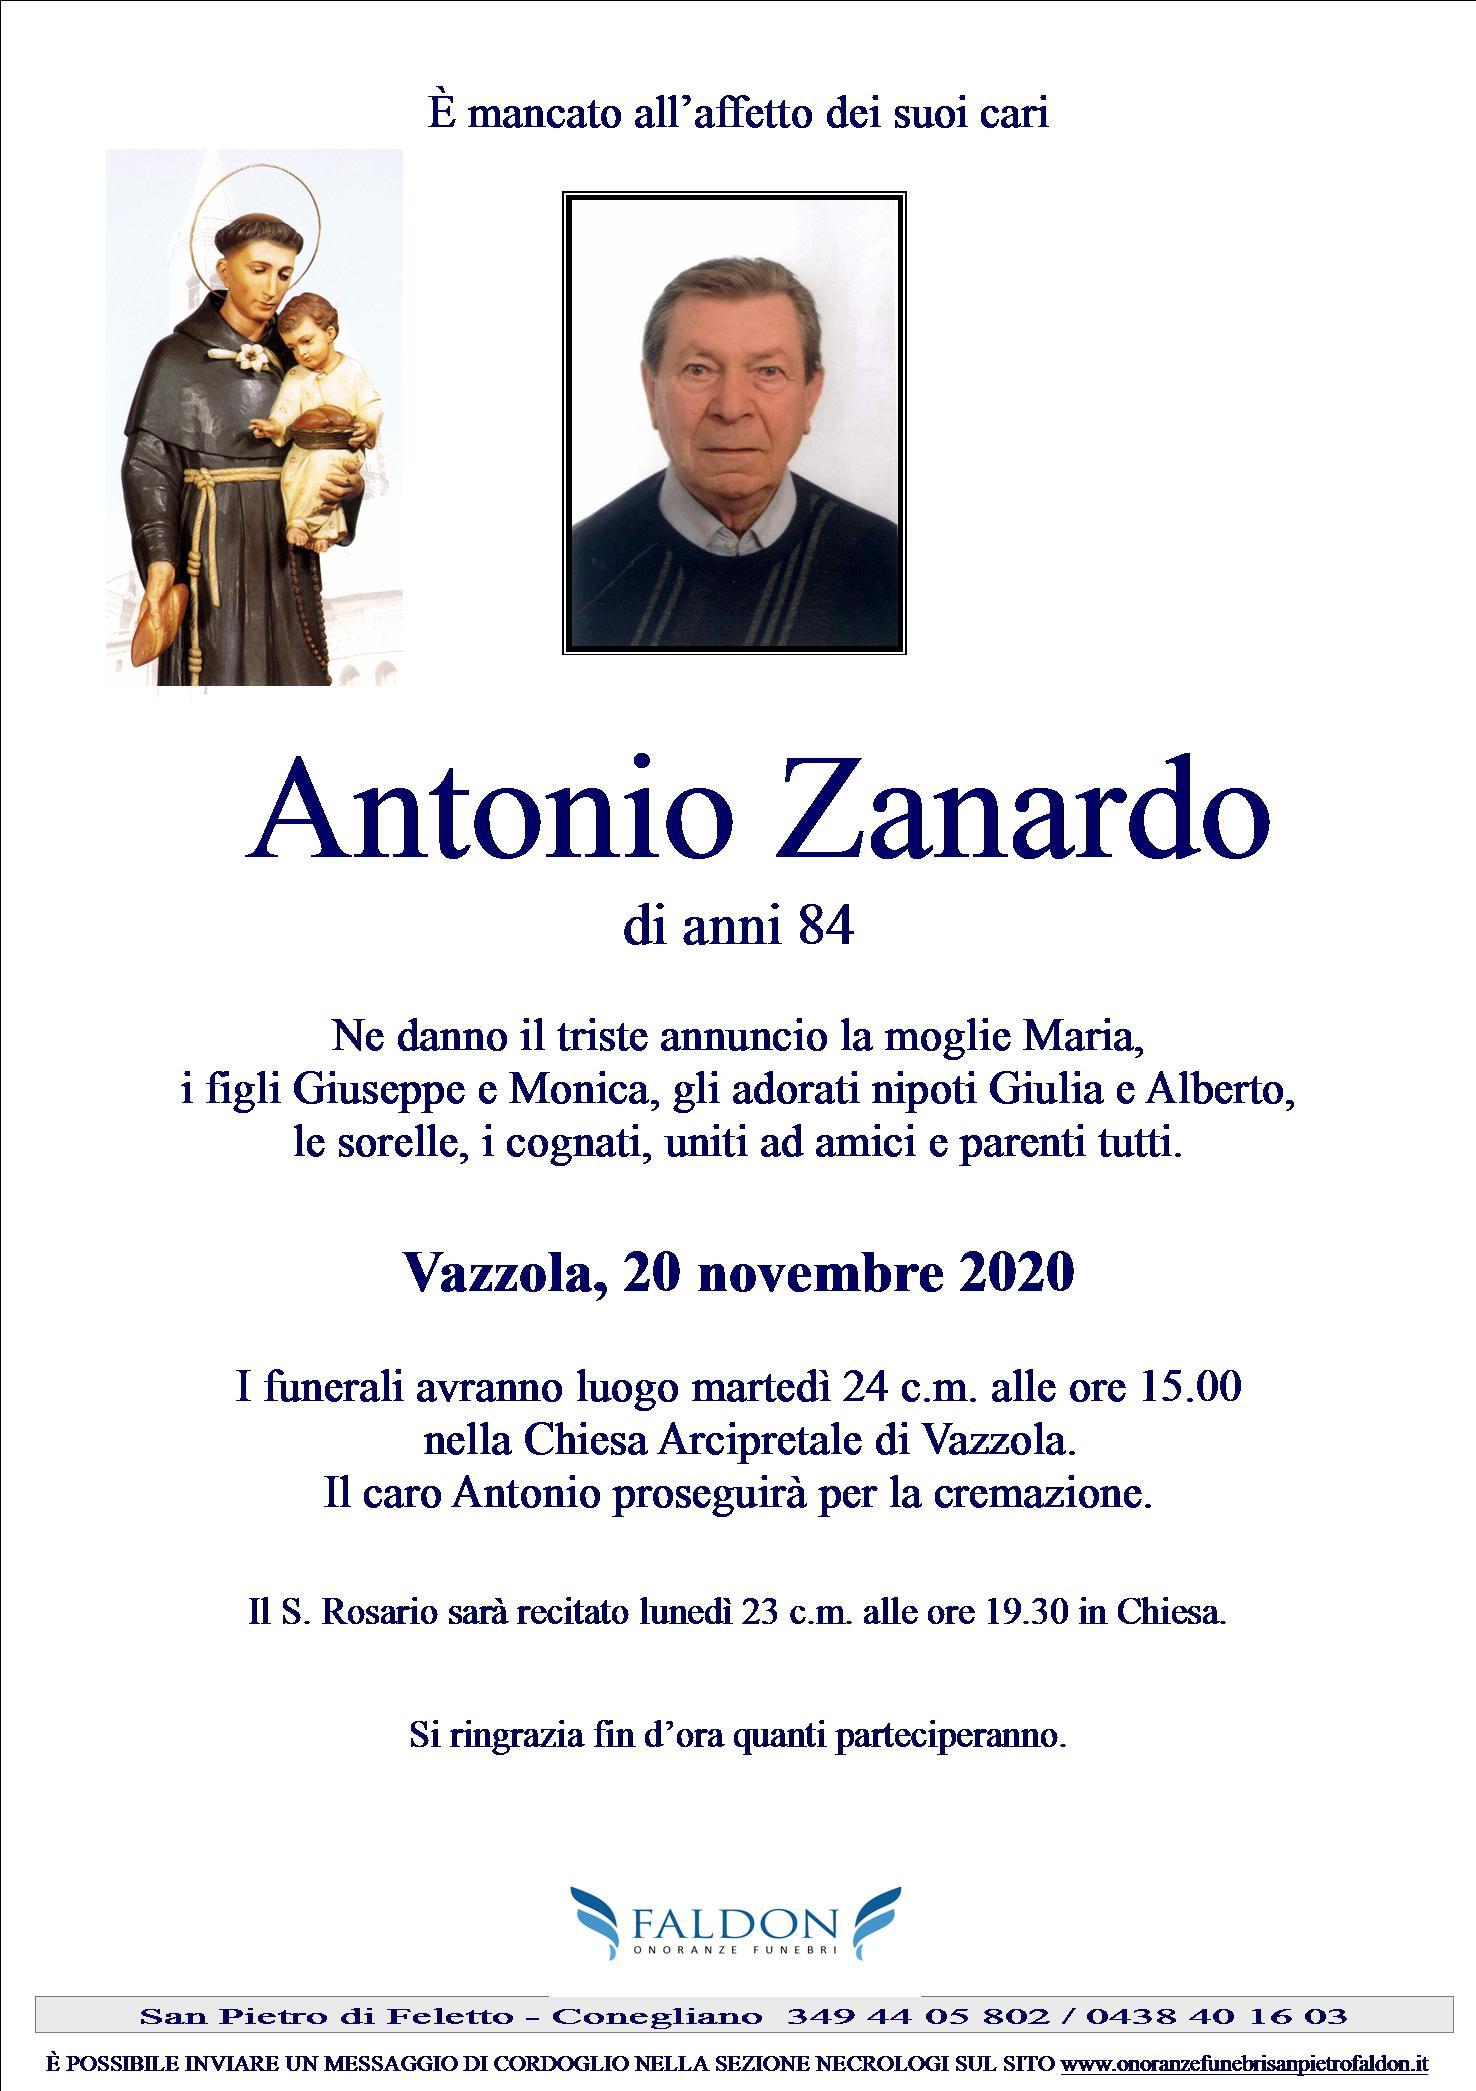 Antonio Zanardo